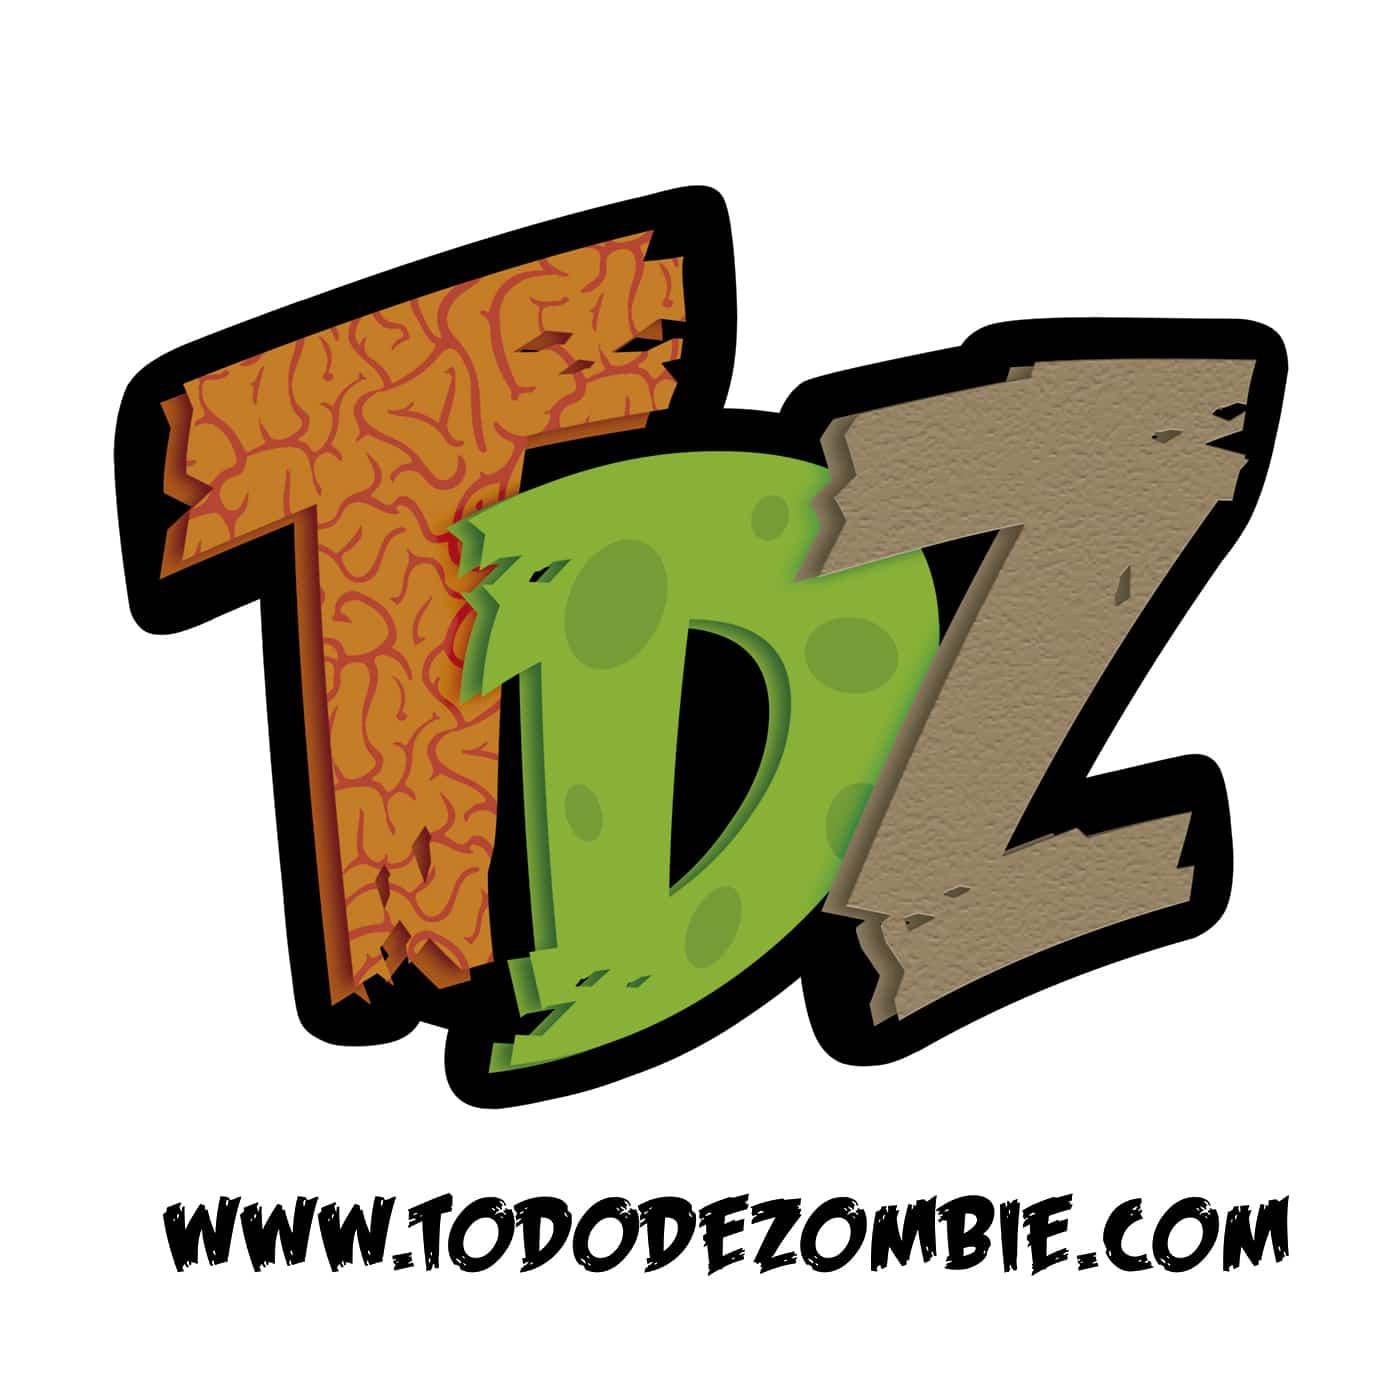 zombies-tododezombie-logo-1400